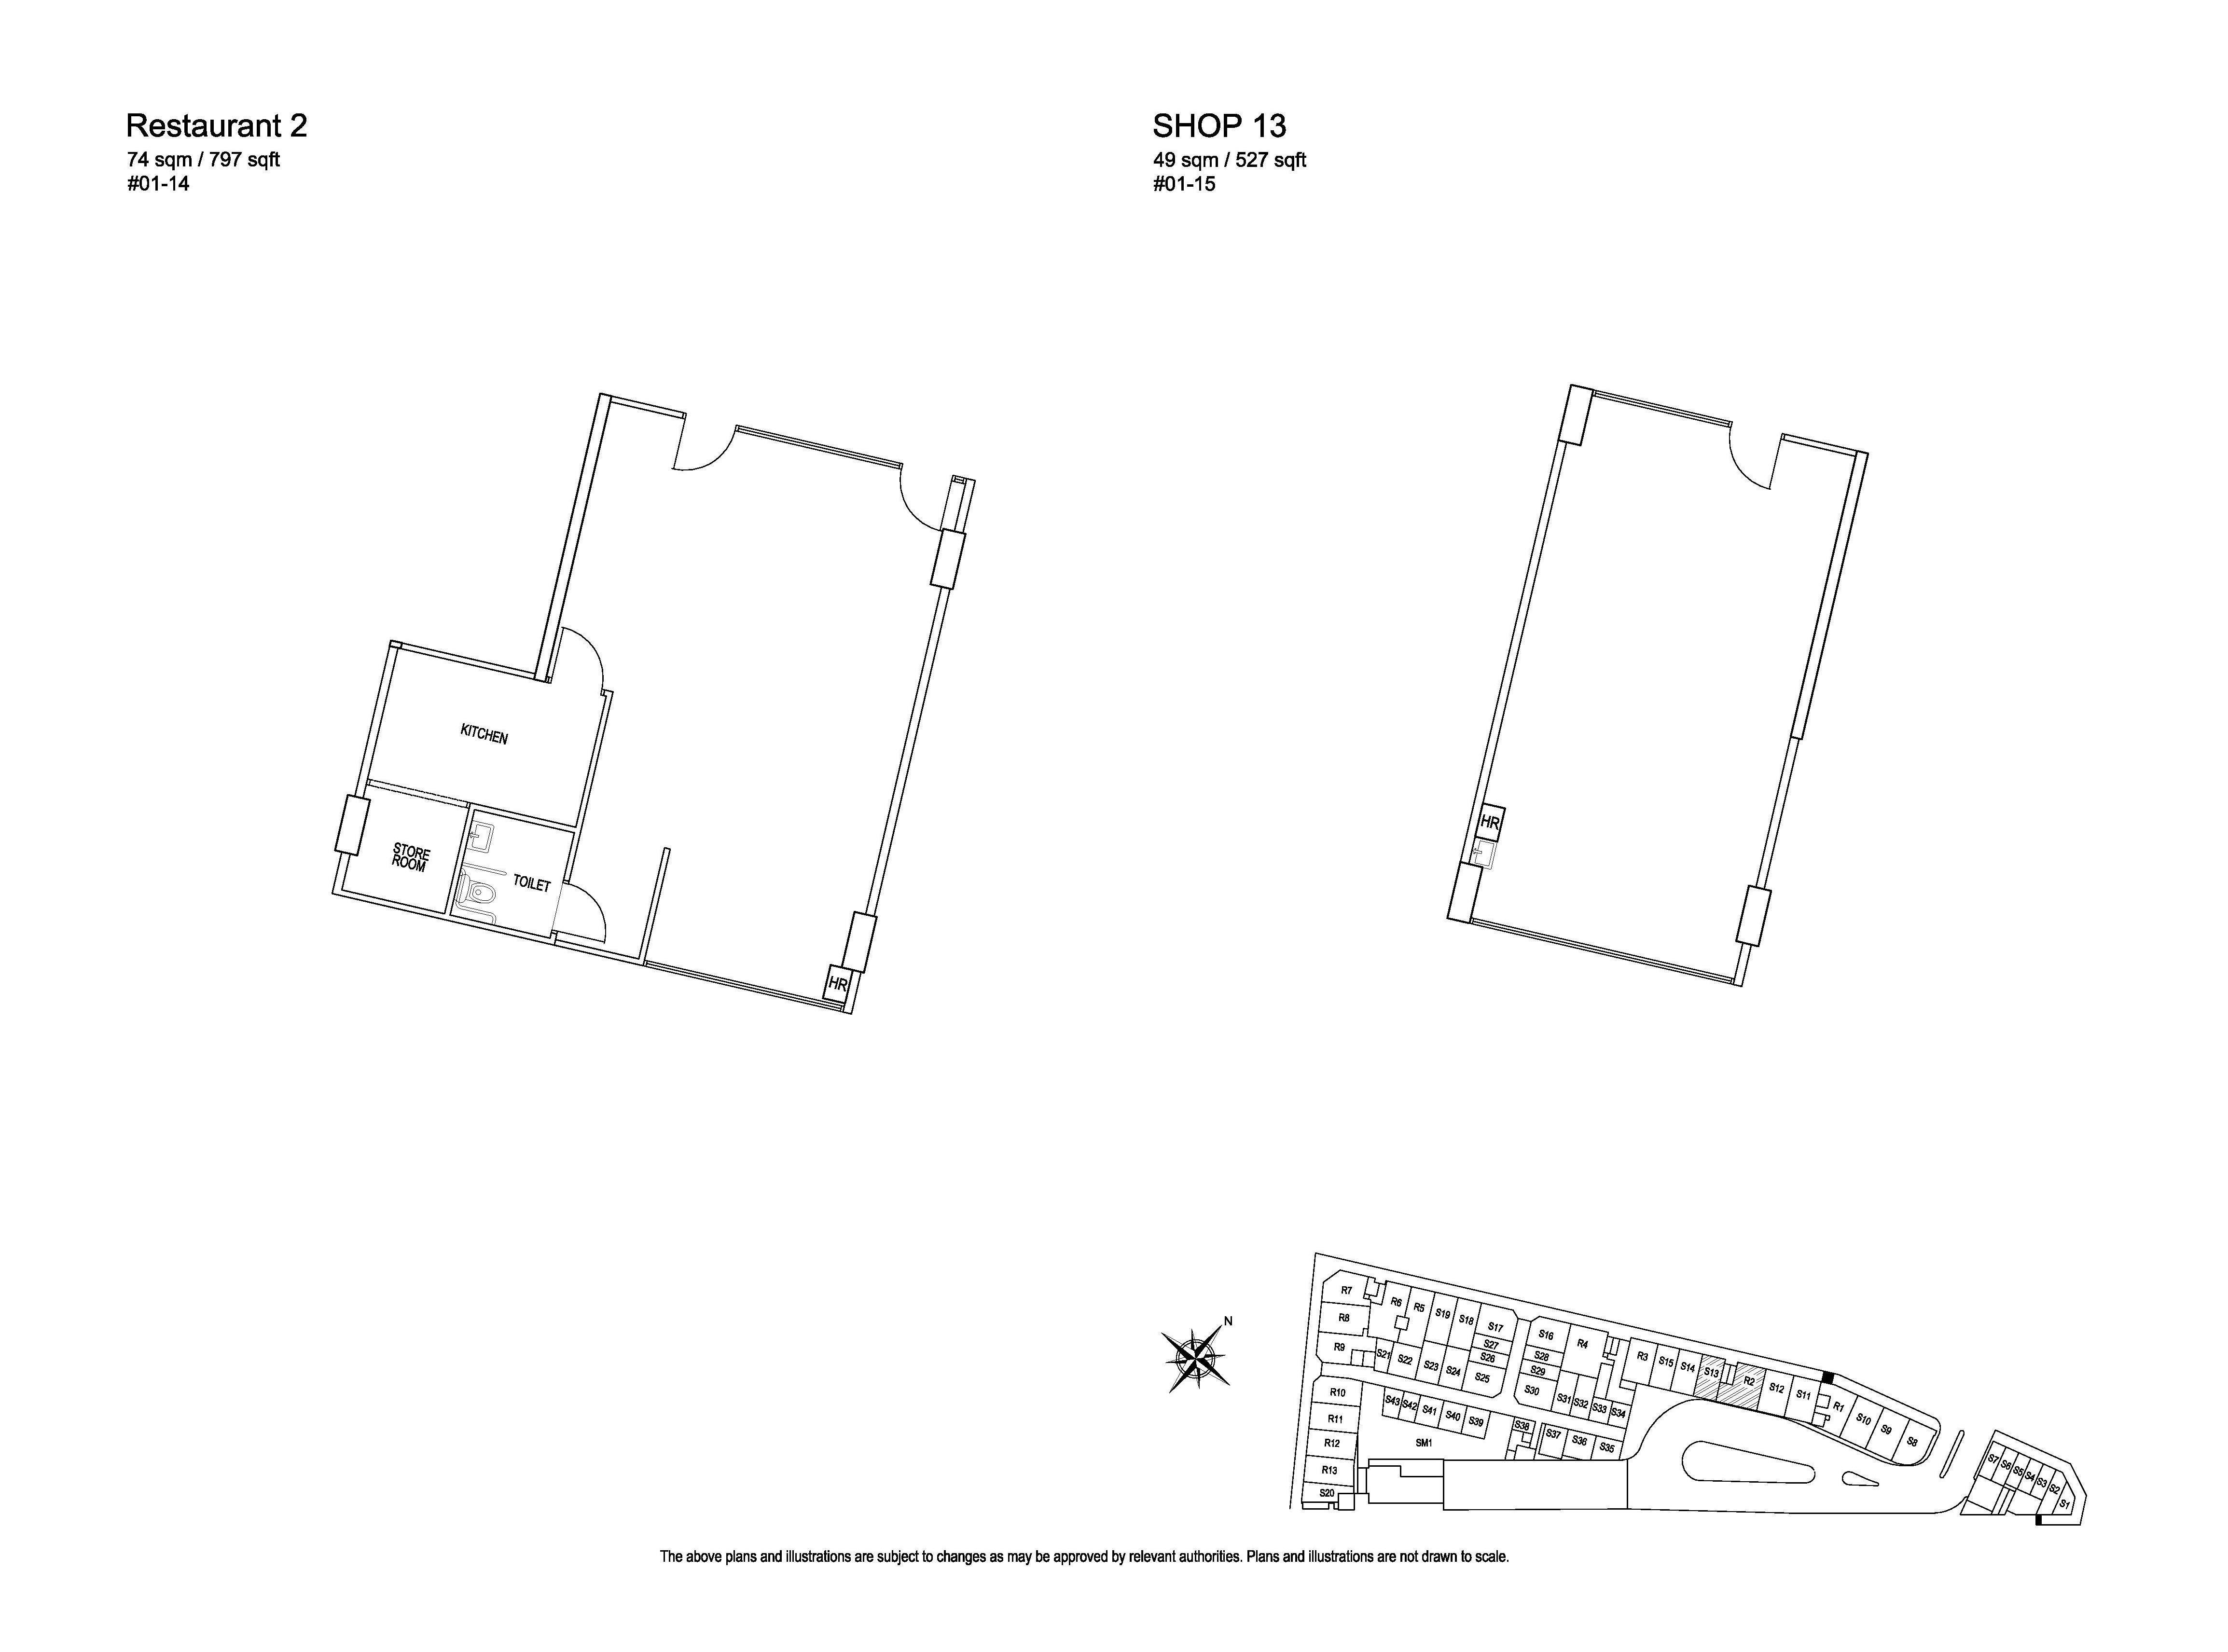 Kensington Square Restaurant 2, Retail Shop 13 Floor Plans